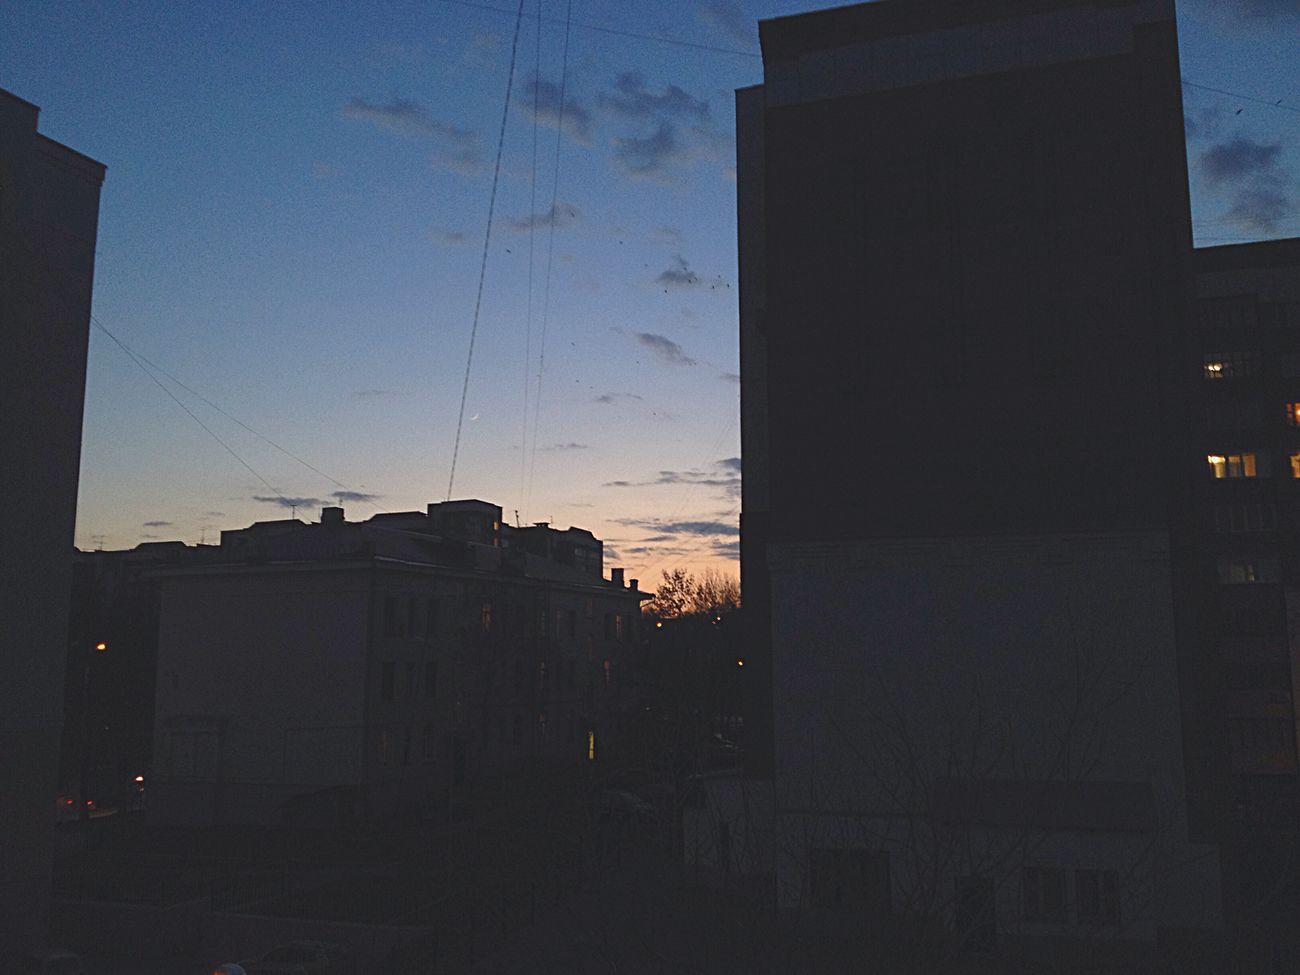 Старое, но мне кажется красивое фото классика небо